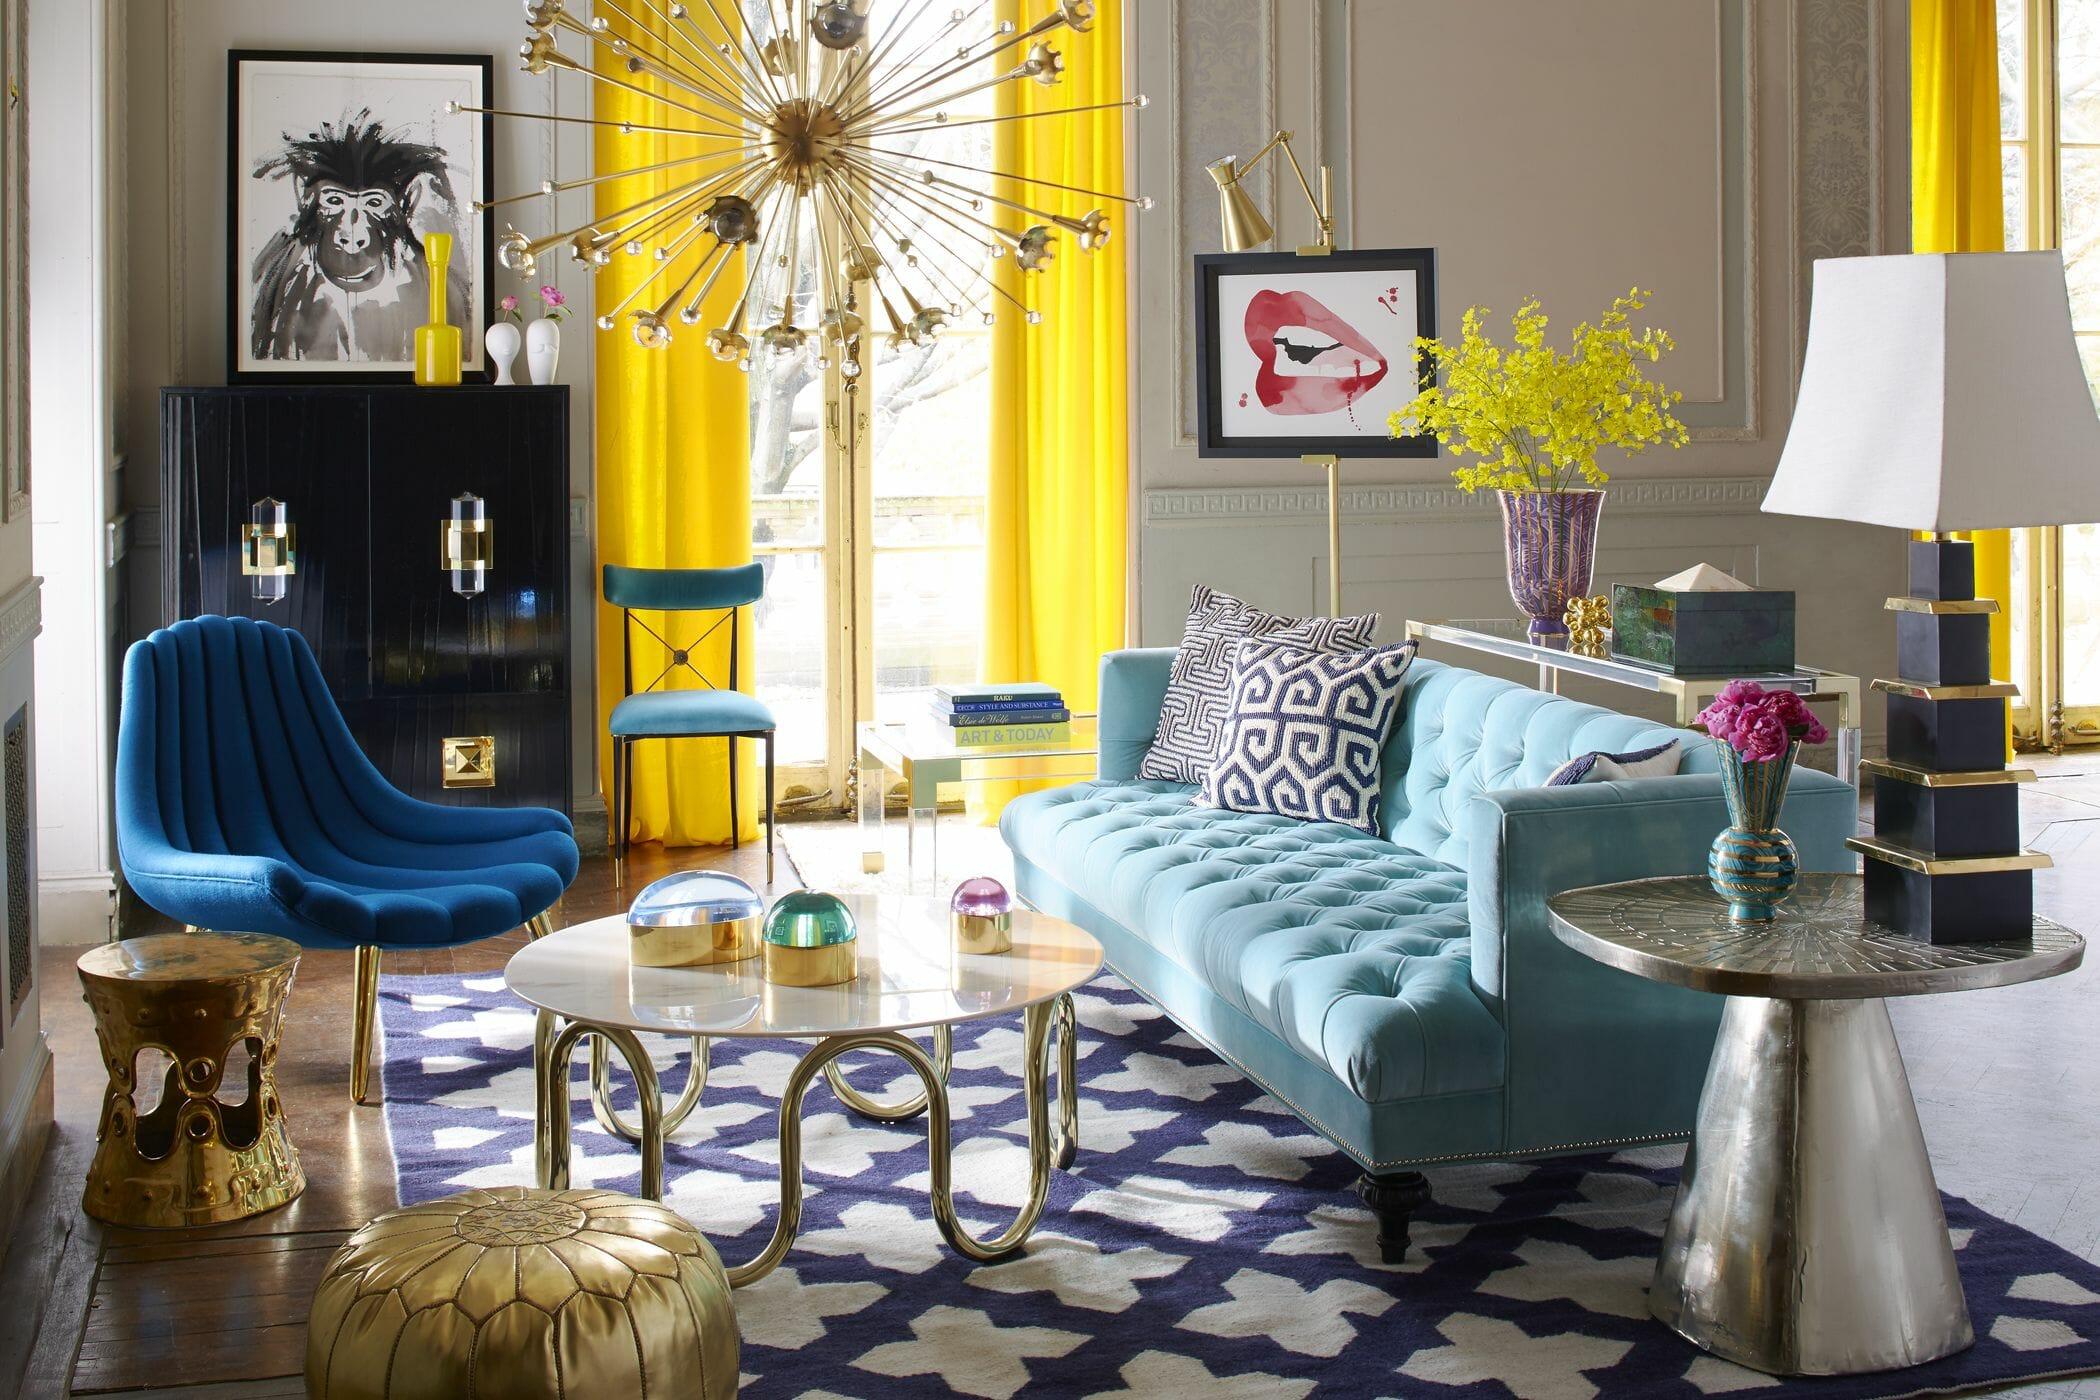 best interior designer instagram account jonathan adler